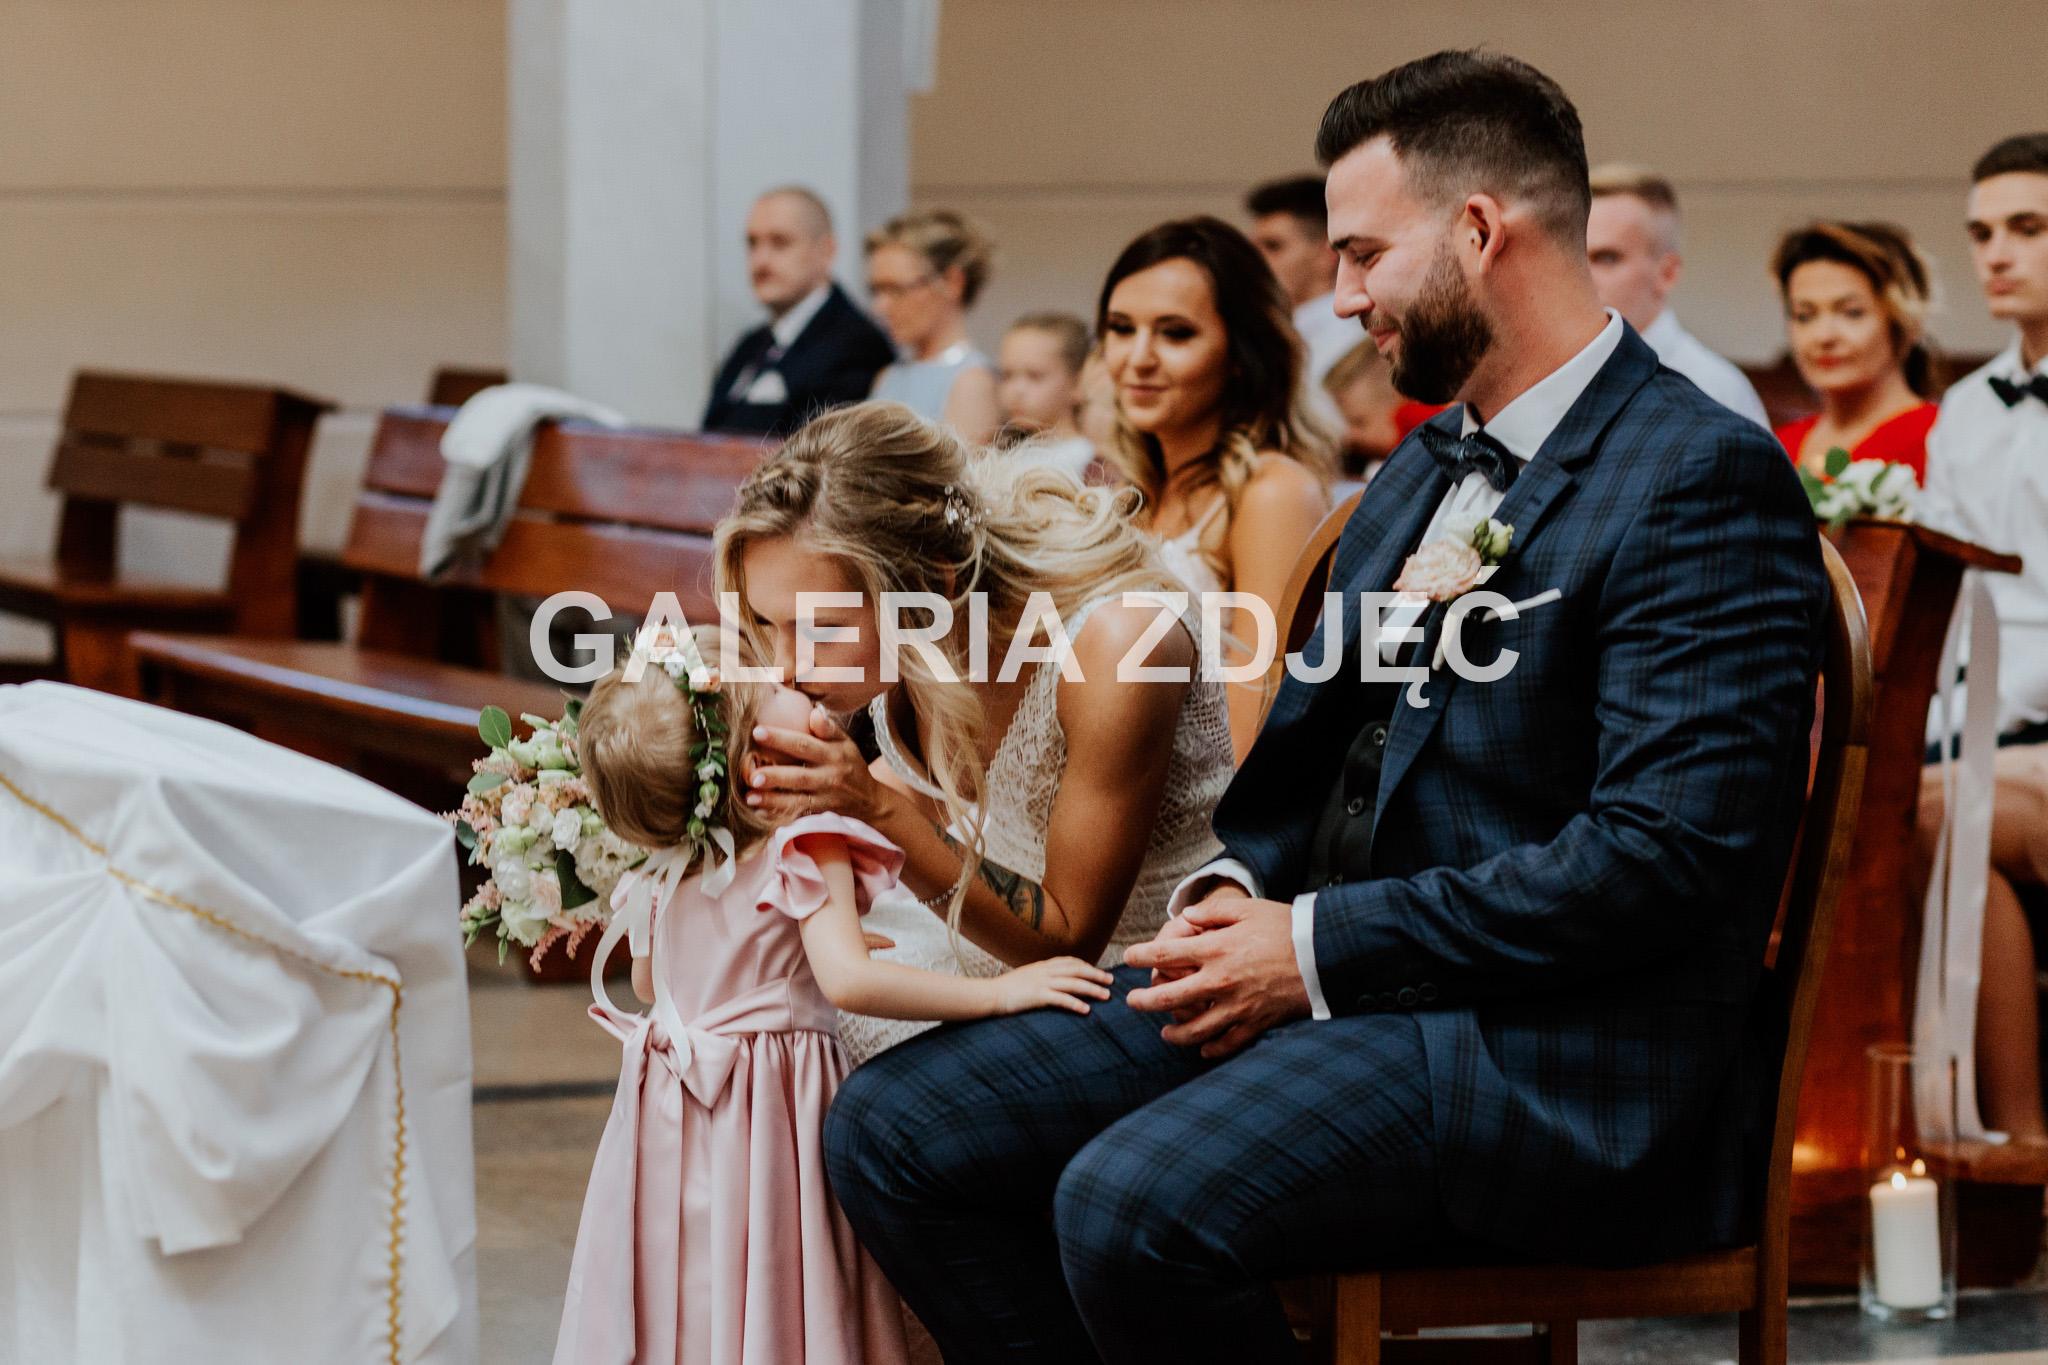 Ślub-Karoliny-i-Łukasz_137-copy Karolina i Łukasz